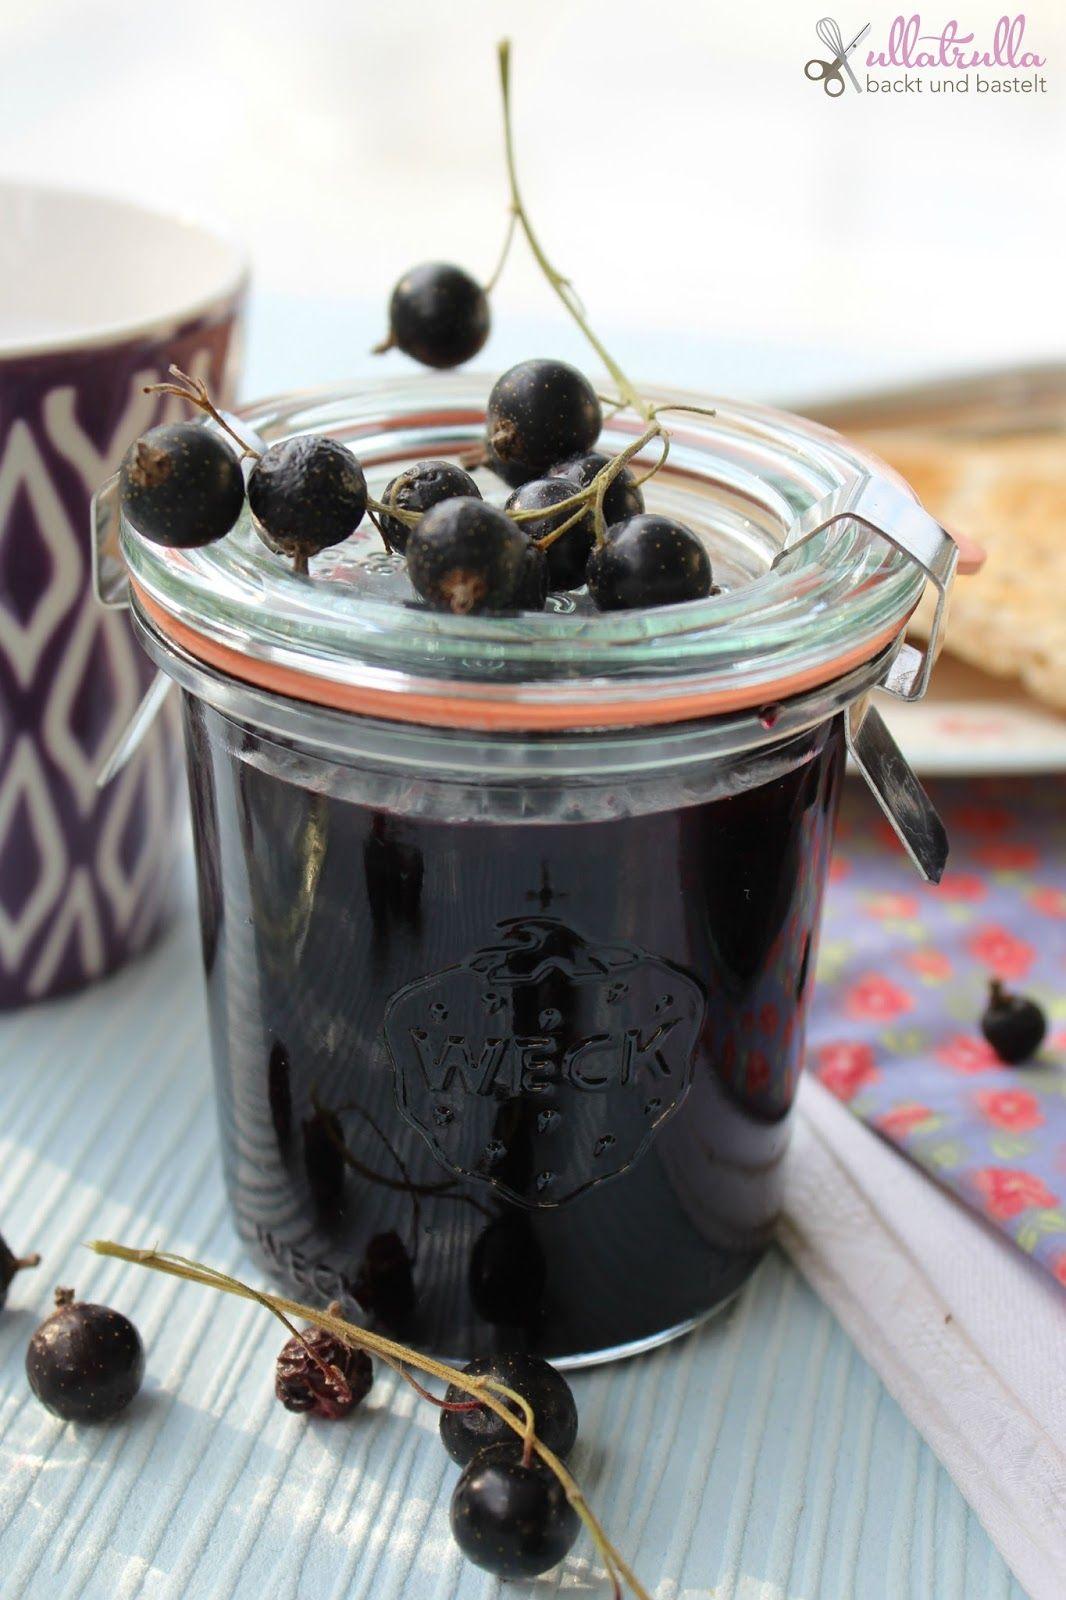 schwarze johannisbeer marmelade oh boy oh man pinterest marmelade schwarzer und backen. Black Bedroom Furniture Sets. Home Design Ideas